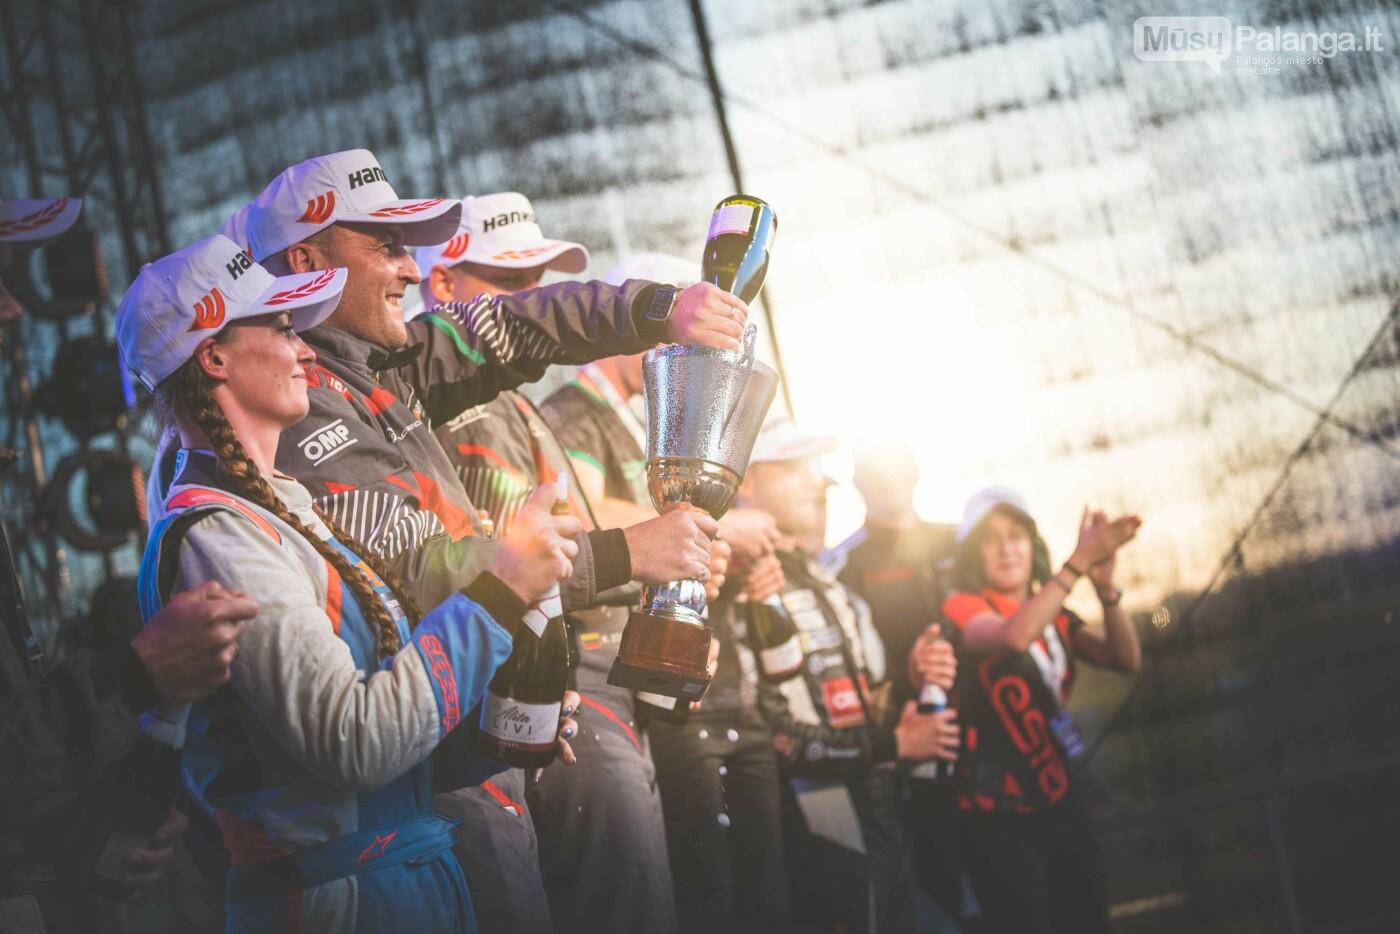 """""""Aurum 1006 km"""" lenktynėse Palangoje – praėjusių metų nugalėtojų triumfas , nuotrauka-27, Vytauto PILKAUSKO ir Arno STRUMILOS nuotr."""